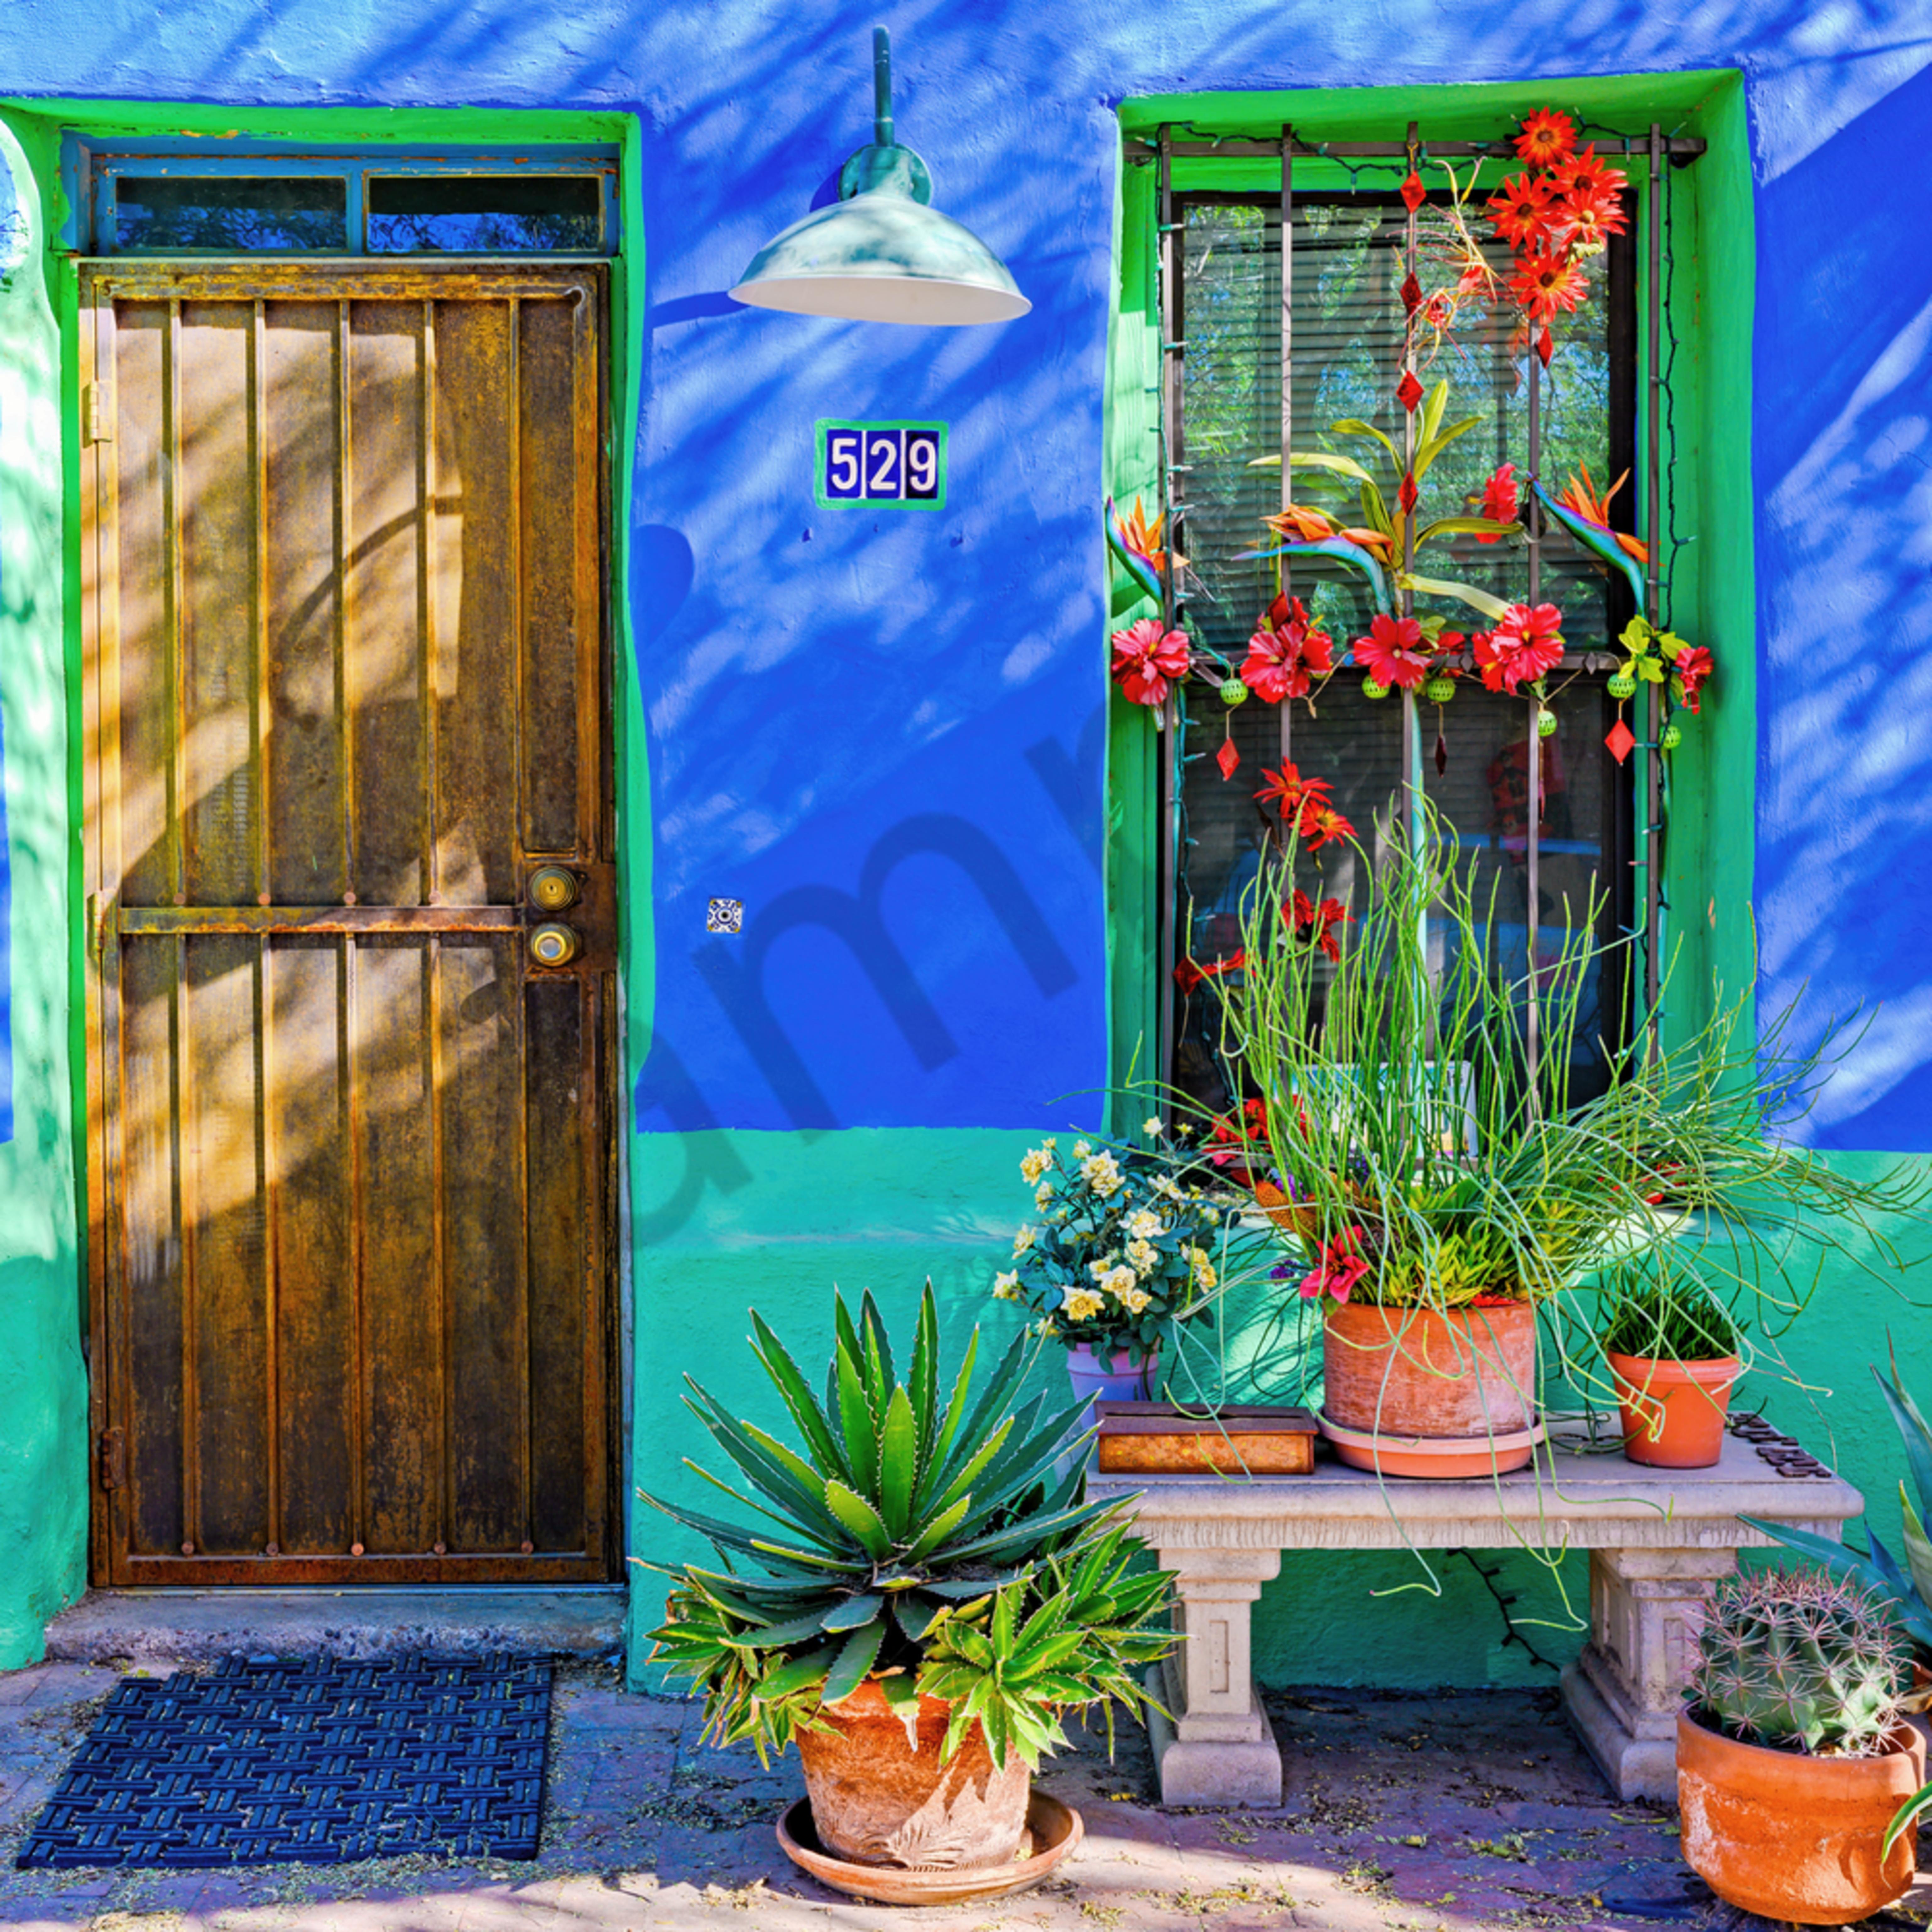 Green trim blue wall tucson arizona zhsrx8